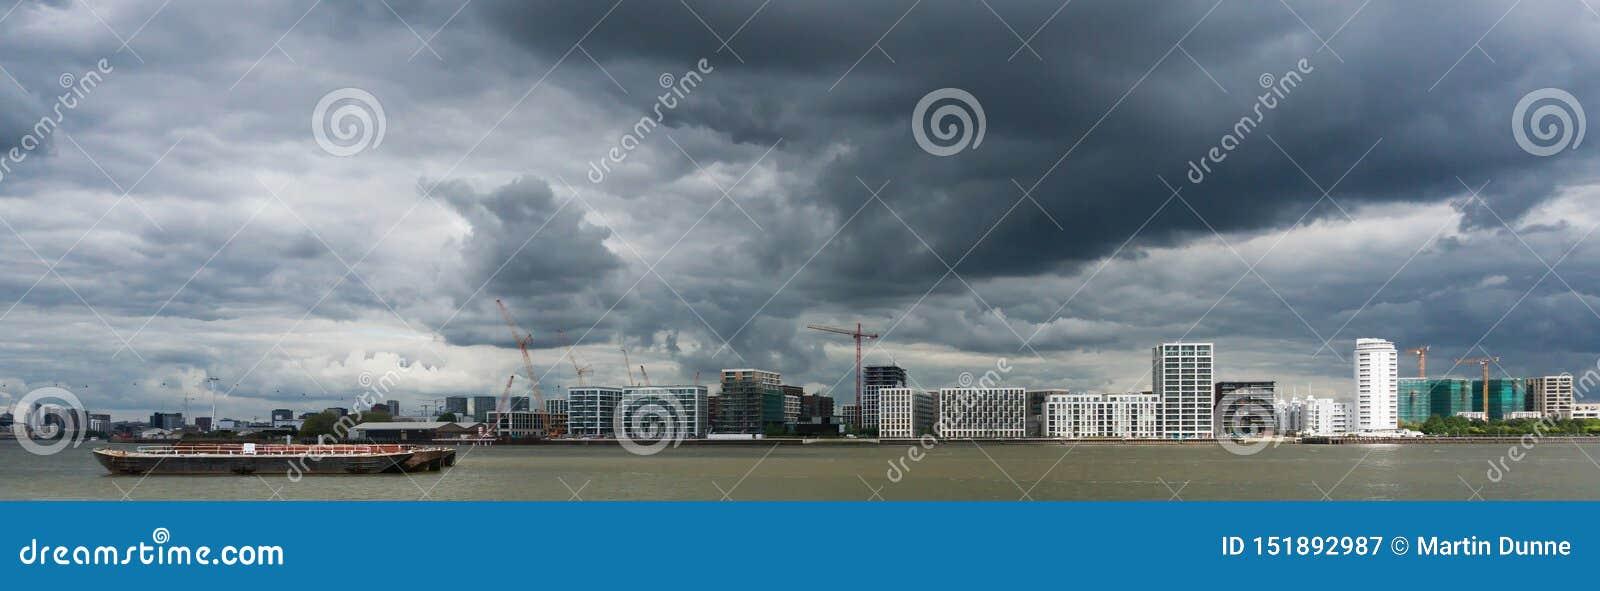 Stormachtige hemel over rivier Theems